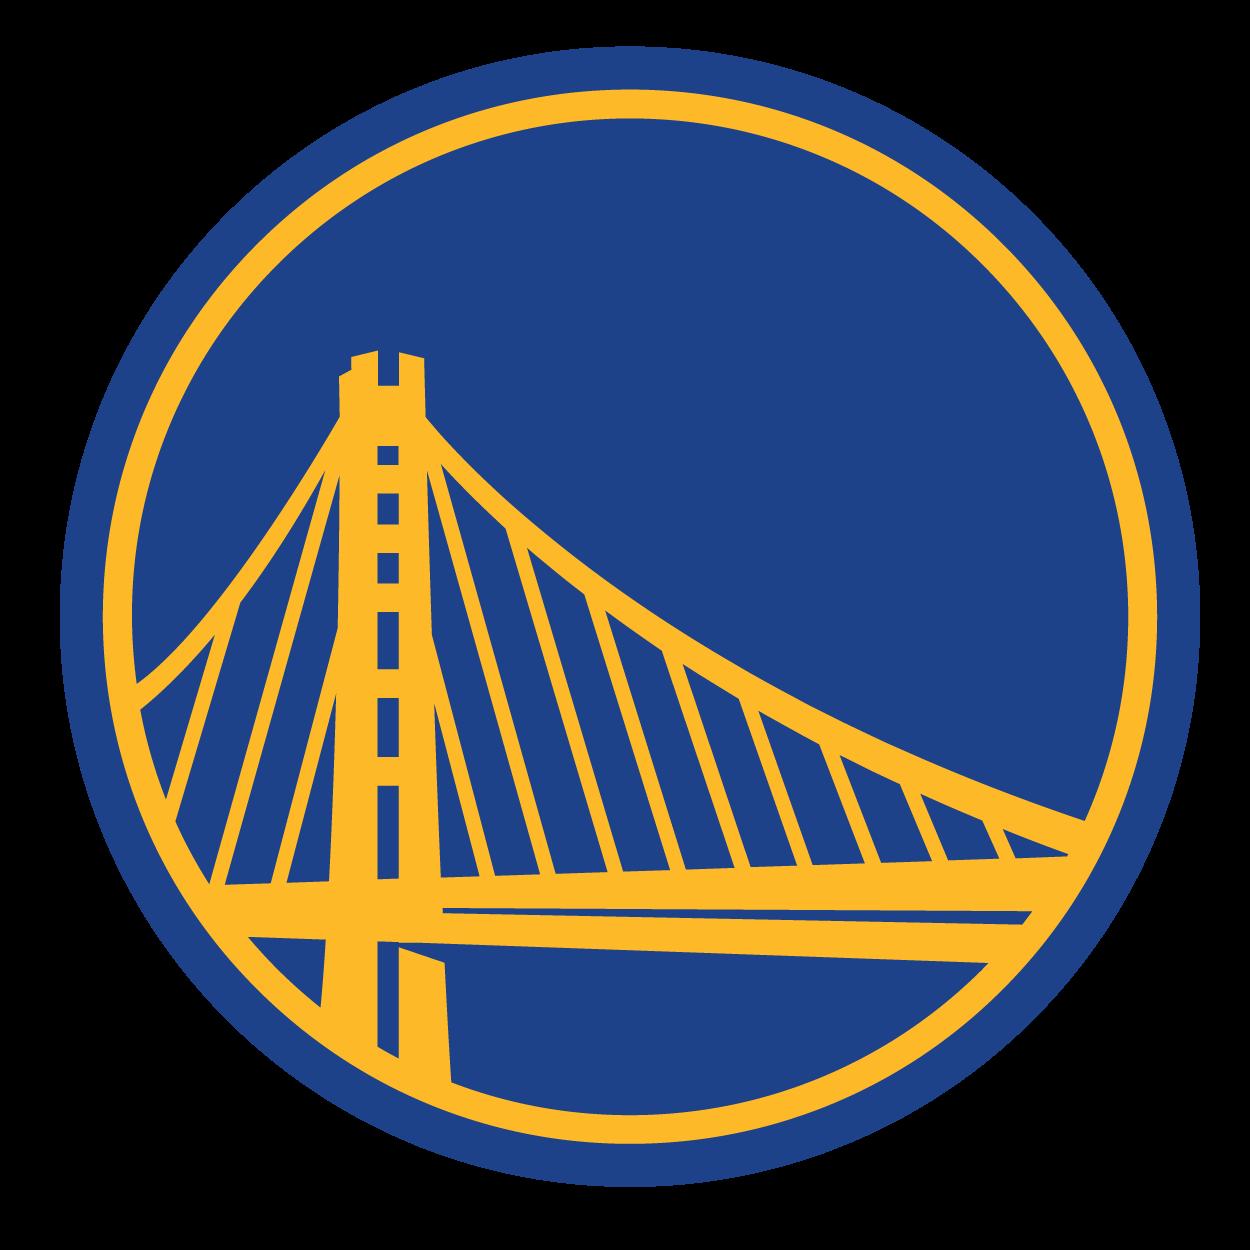 Golden State Warriors Logo (NBA) png